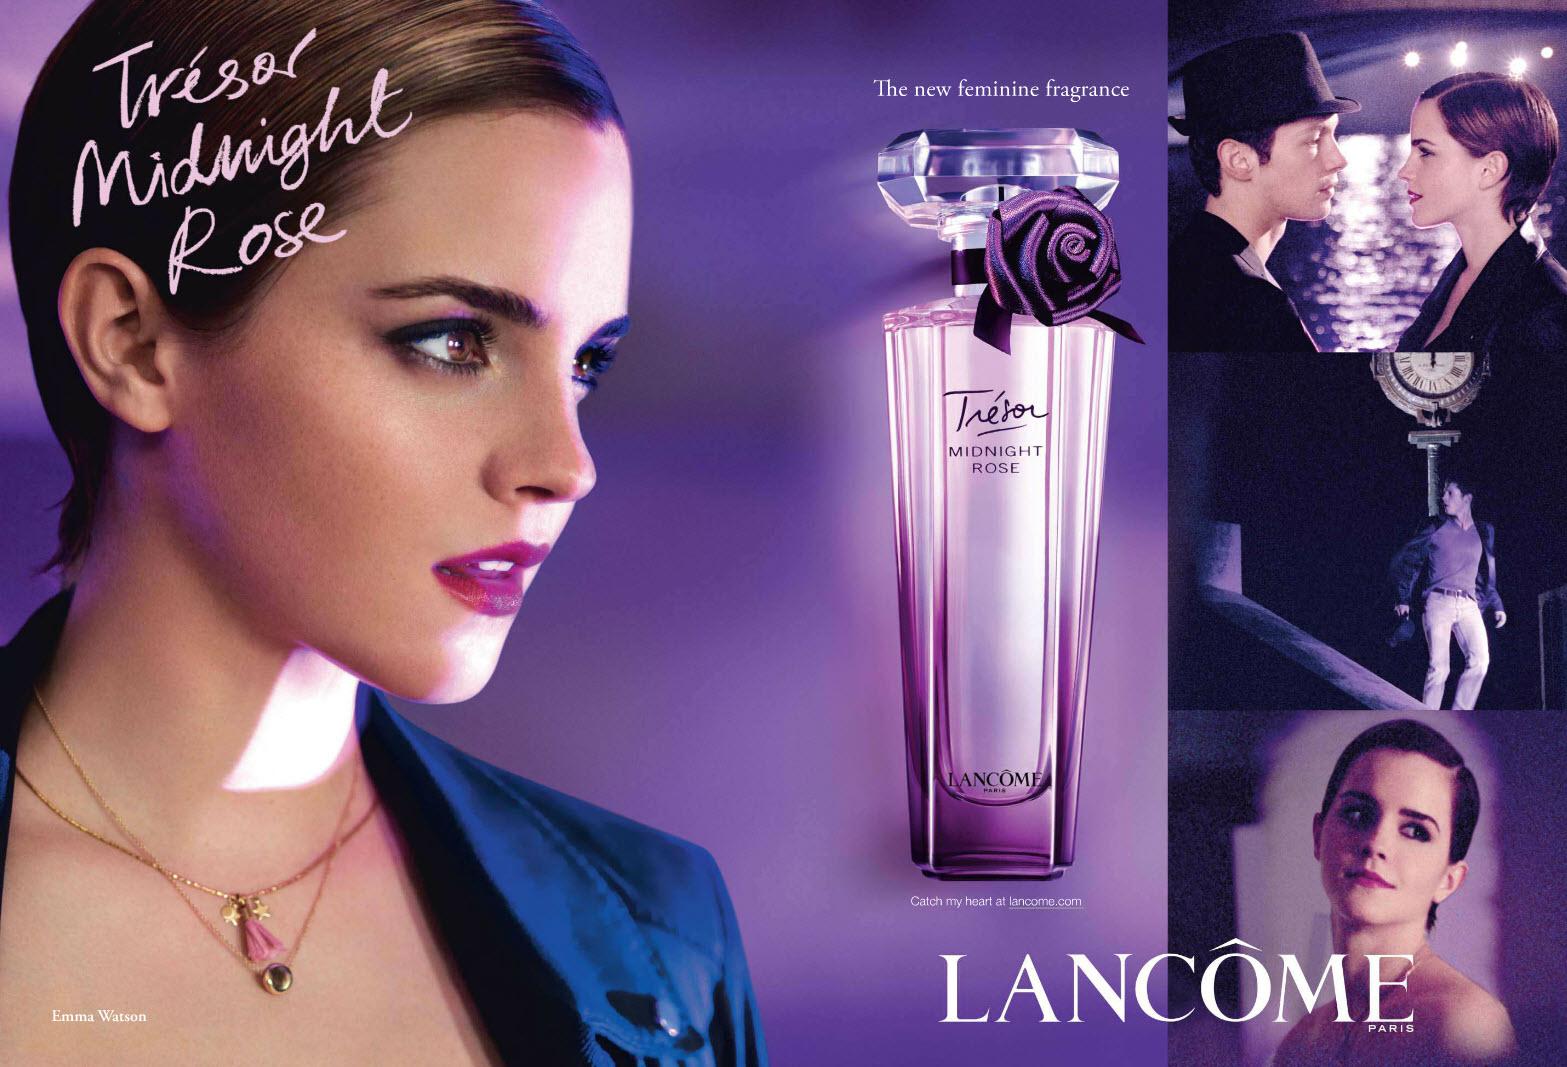 Little Miss Midnight De Lancôme Rose JustineTrésor FcJlKT1